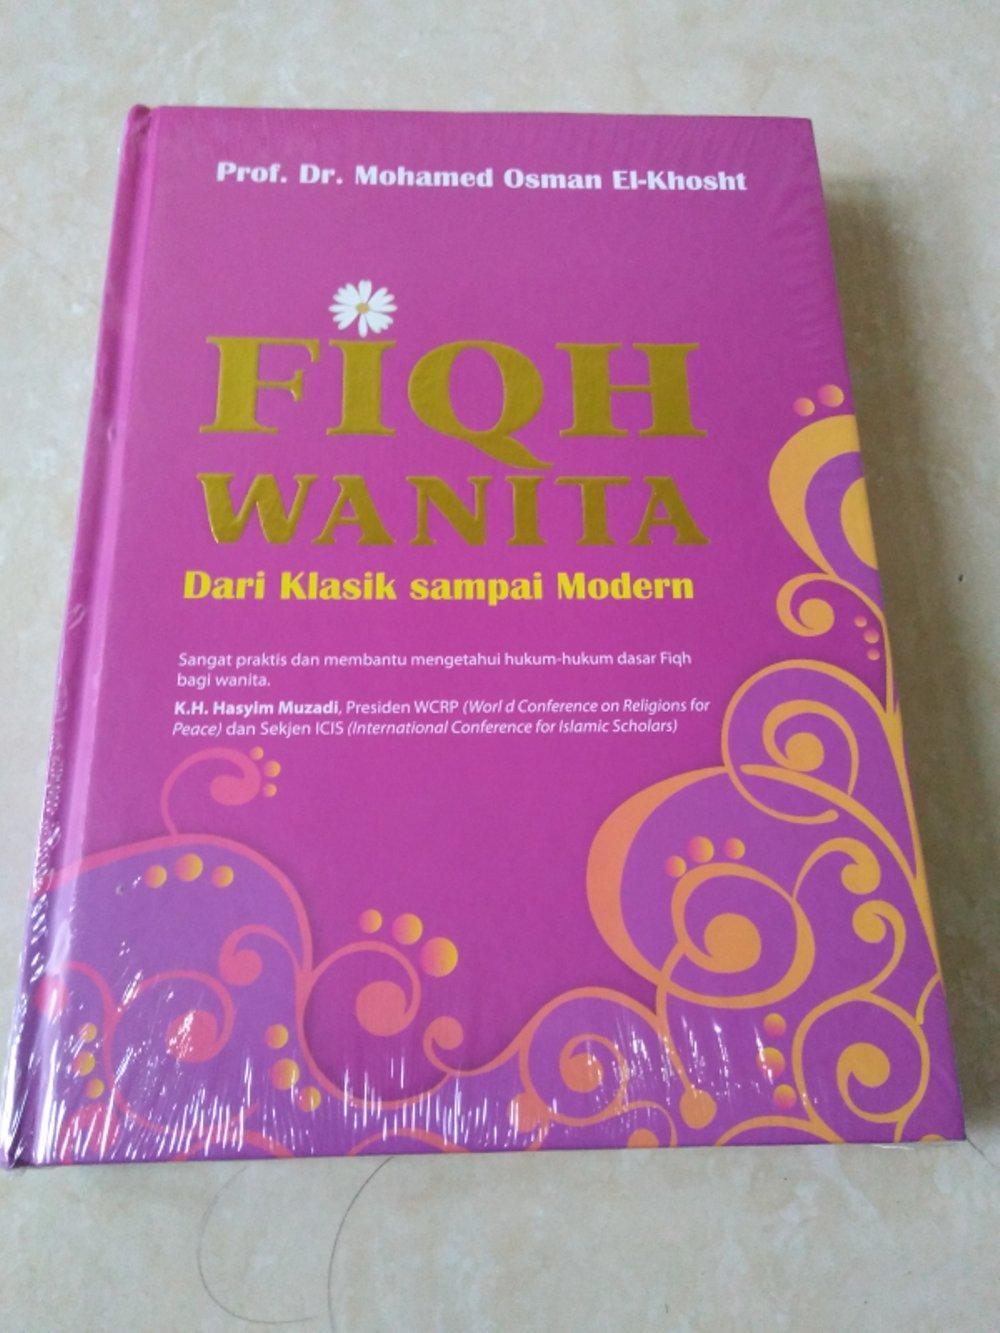 Fiqh Wanita Dari Klasik Sampai Modern - Dr. Mohammed Osman El Khosht By Metro Bookstore Malang.